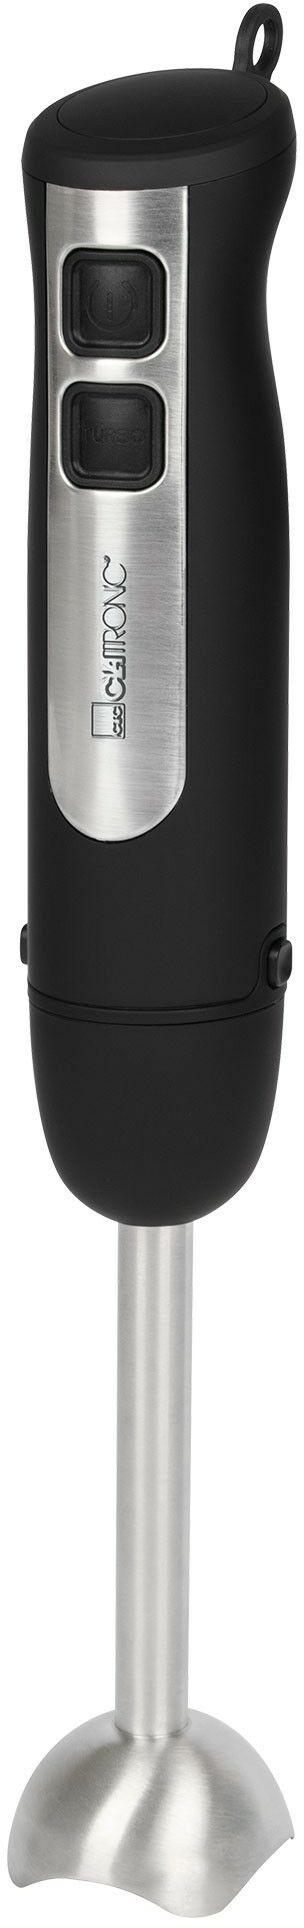 Blender ręczny, wielofunkcyjny, metalowy, mocny Clatronic SM 3739